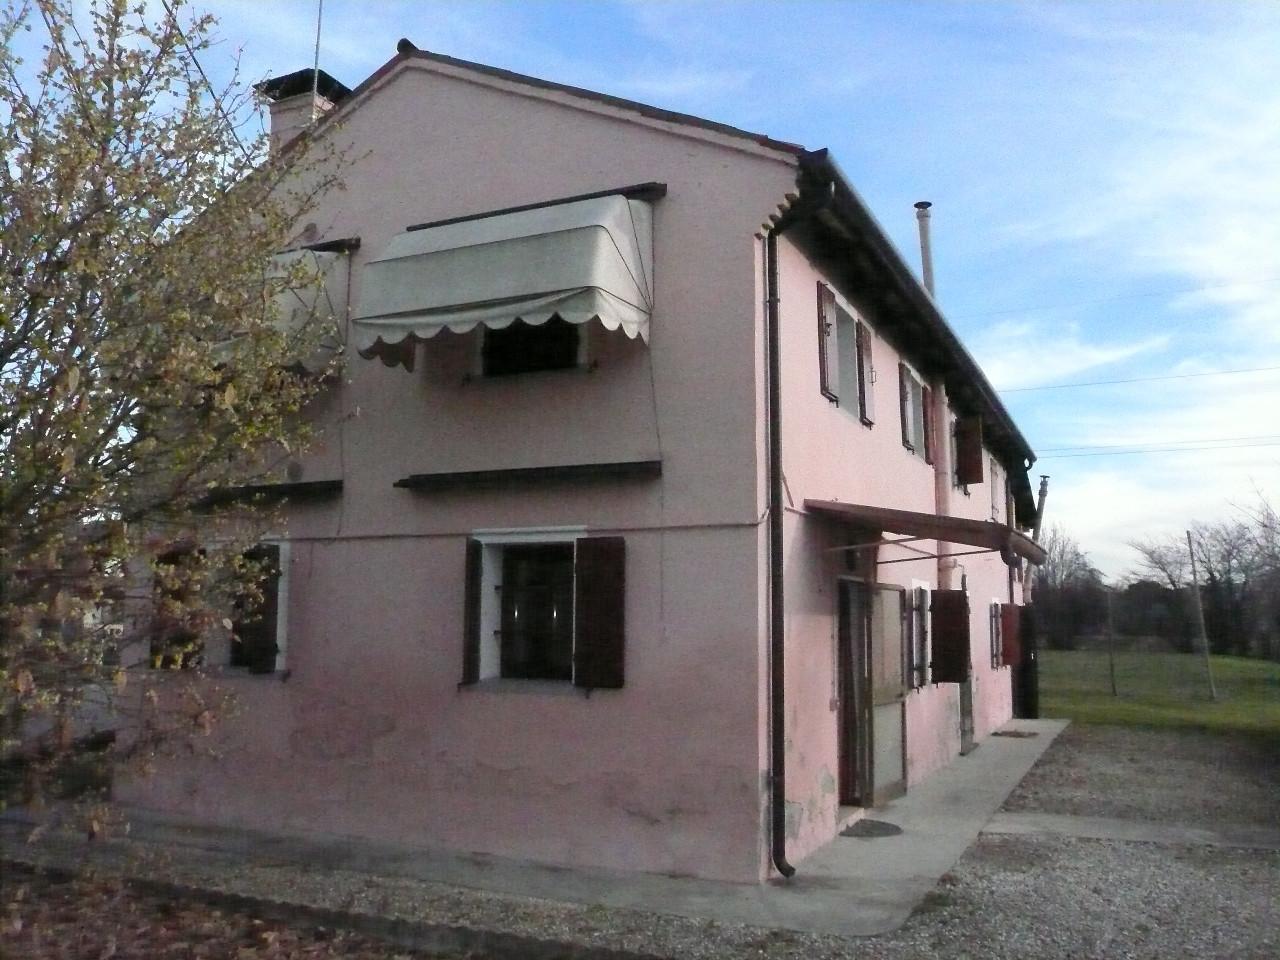 Villa in vendita a Carbonera, 10 locali, zona Località: Centro, prezzo € 145.000 | Cambio Casa.it